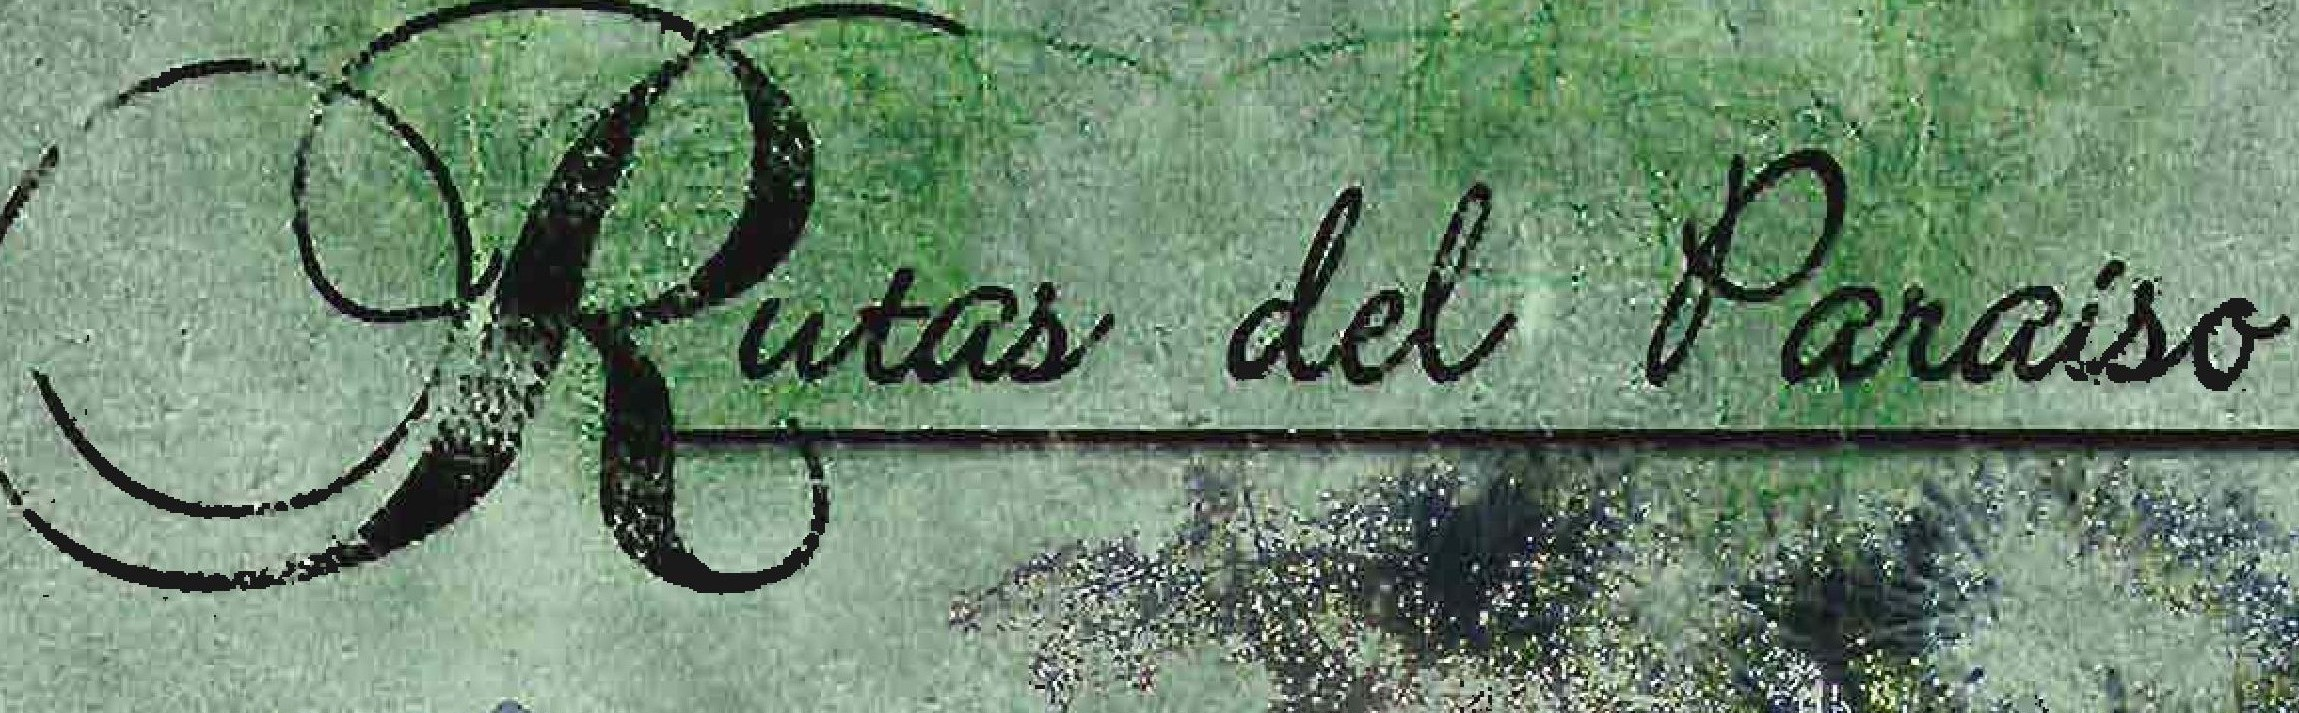 rutas_del_paraiso-page-00123